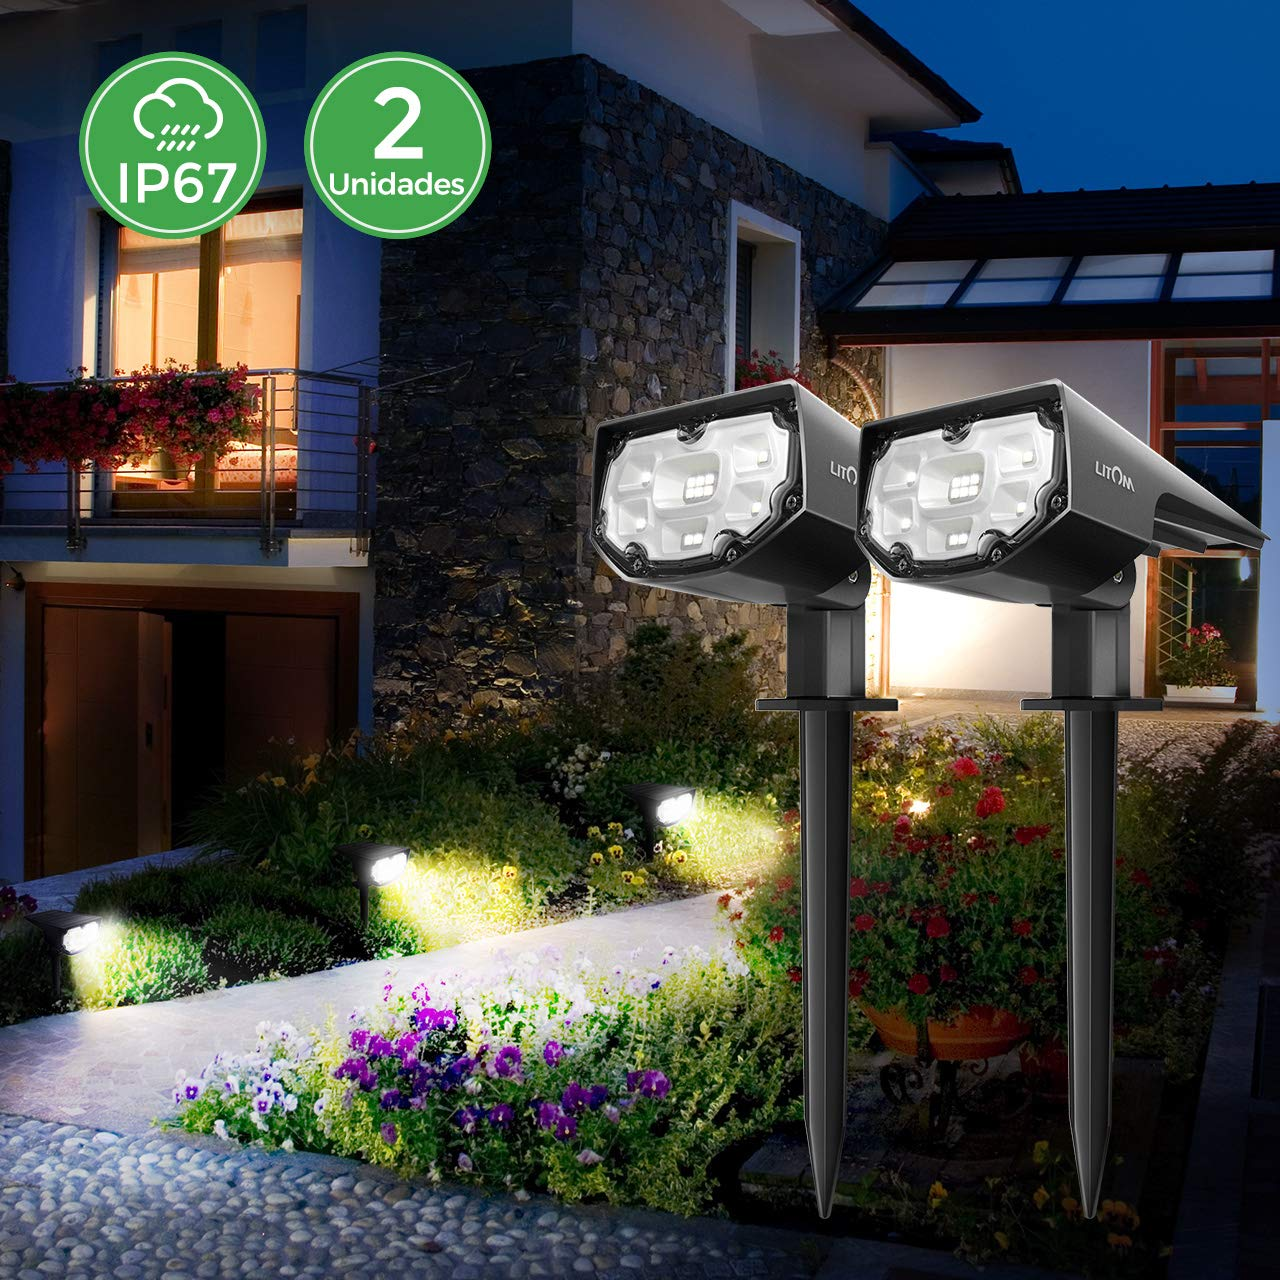 Luz Solar Exterior Jardin Impermeable IP67 Focos Led Exterior Solares 12 LED Inalámbrico 2 en 1 Lamparas Solares para Piscina Cesped Jardin Patio Calzada blanco frio (2 Unidades): Amazon.es: Bricolaje y herramientas